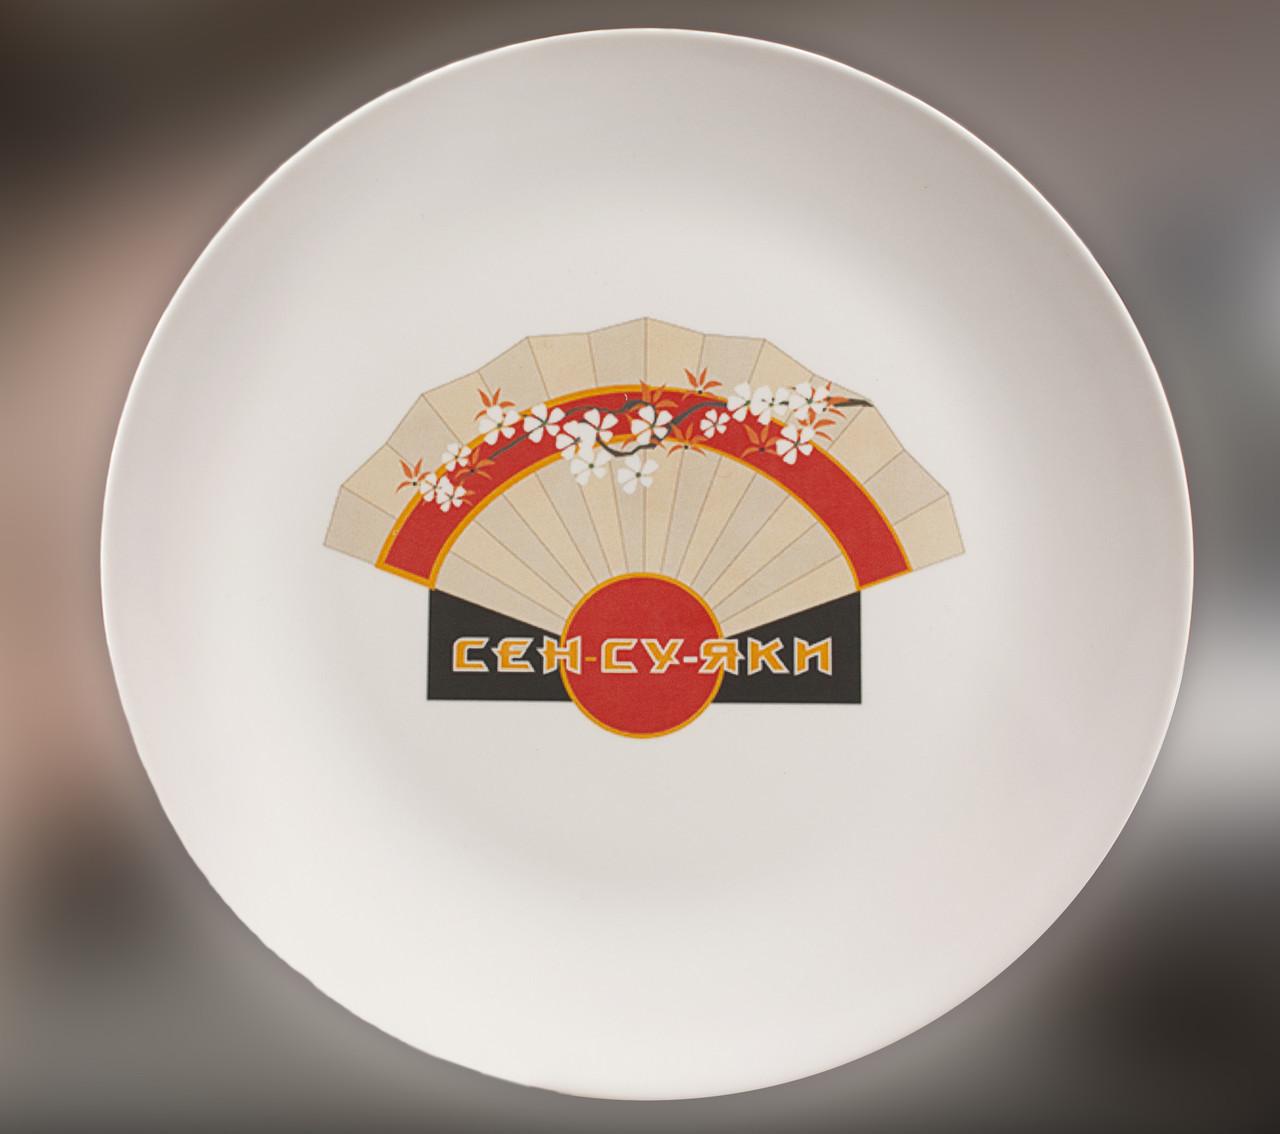 Декор на посуду, декор на тарелки